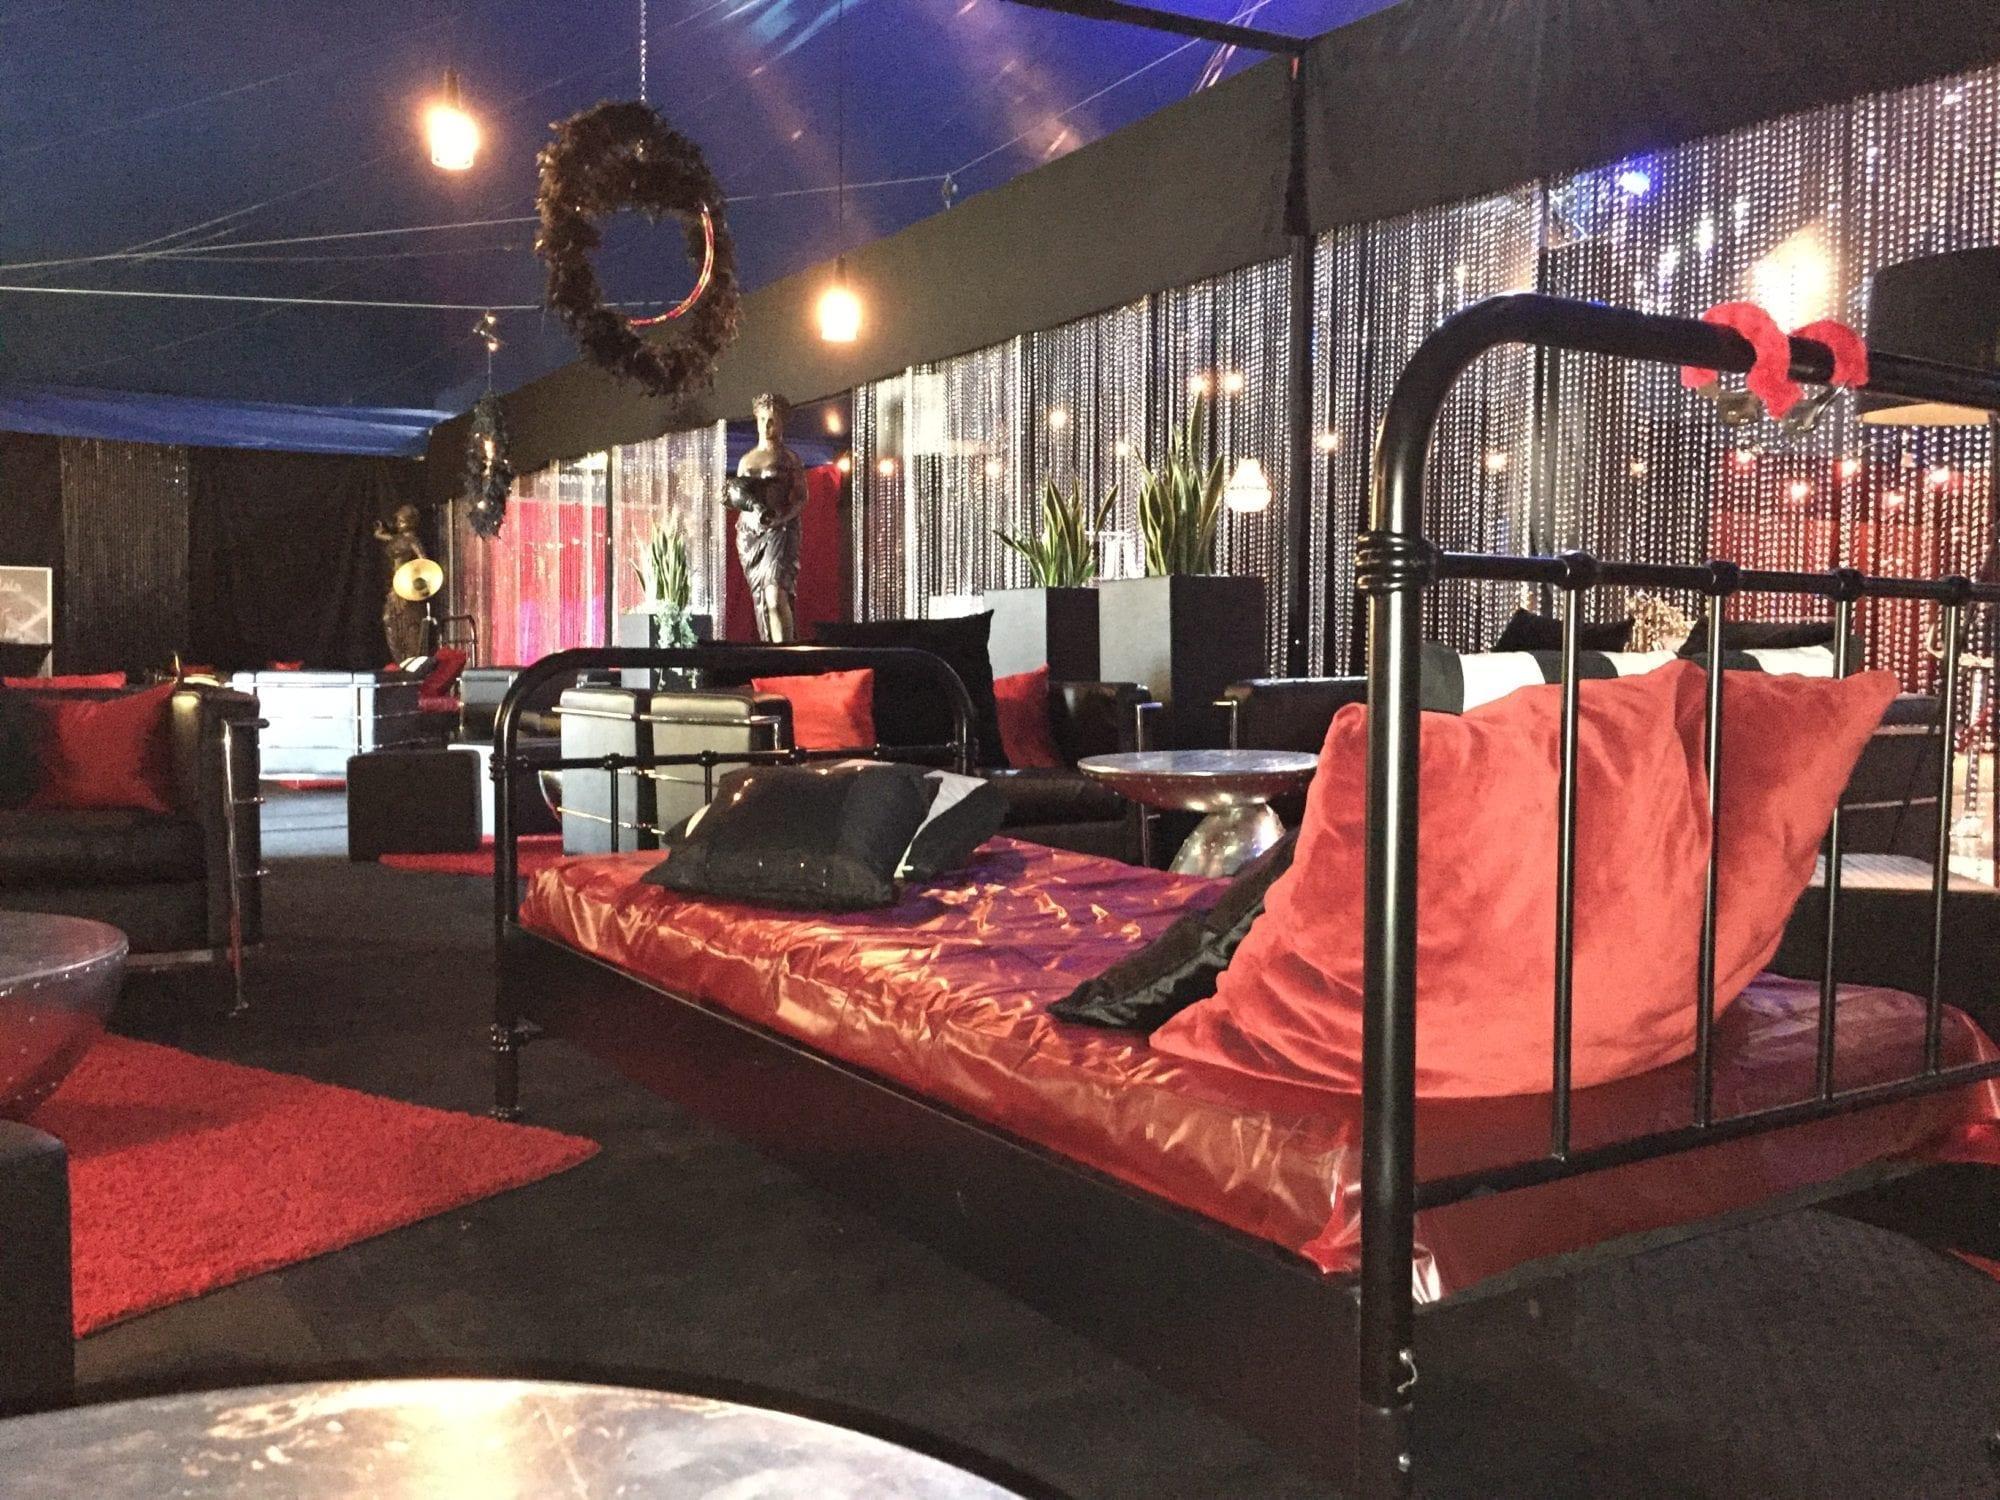 metallbett schwarz mieten rent-a-lounge 4